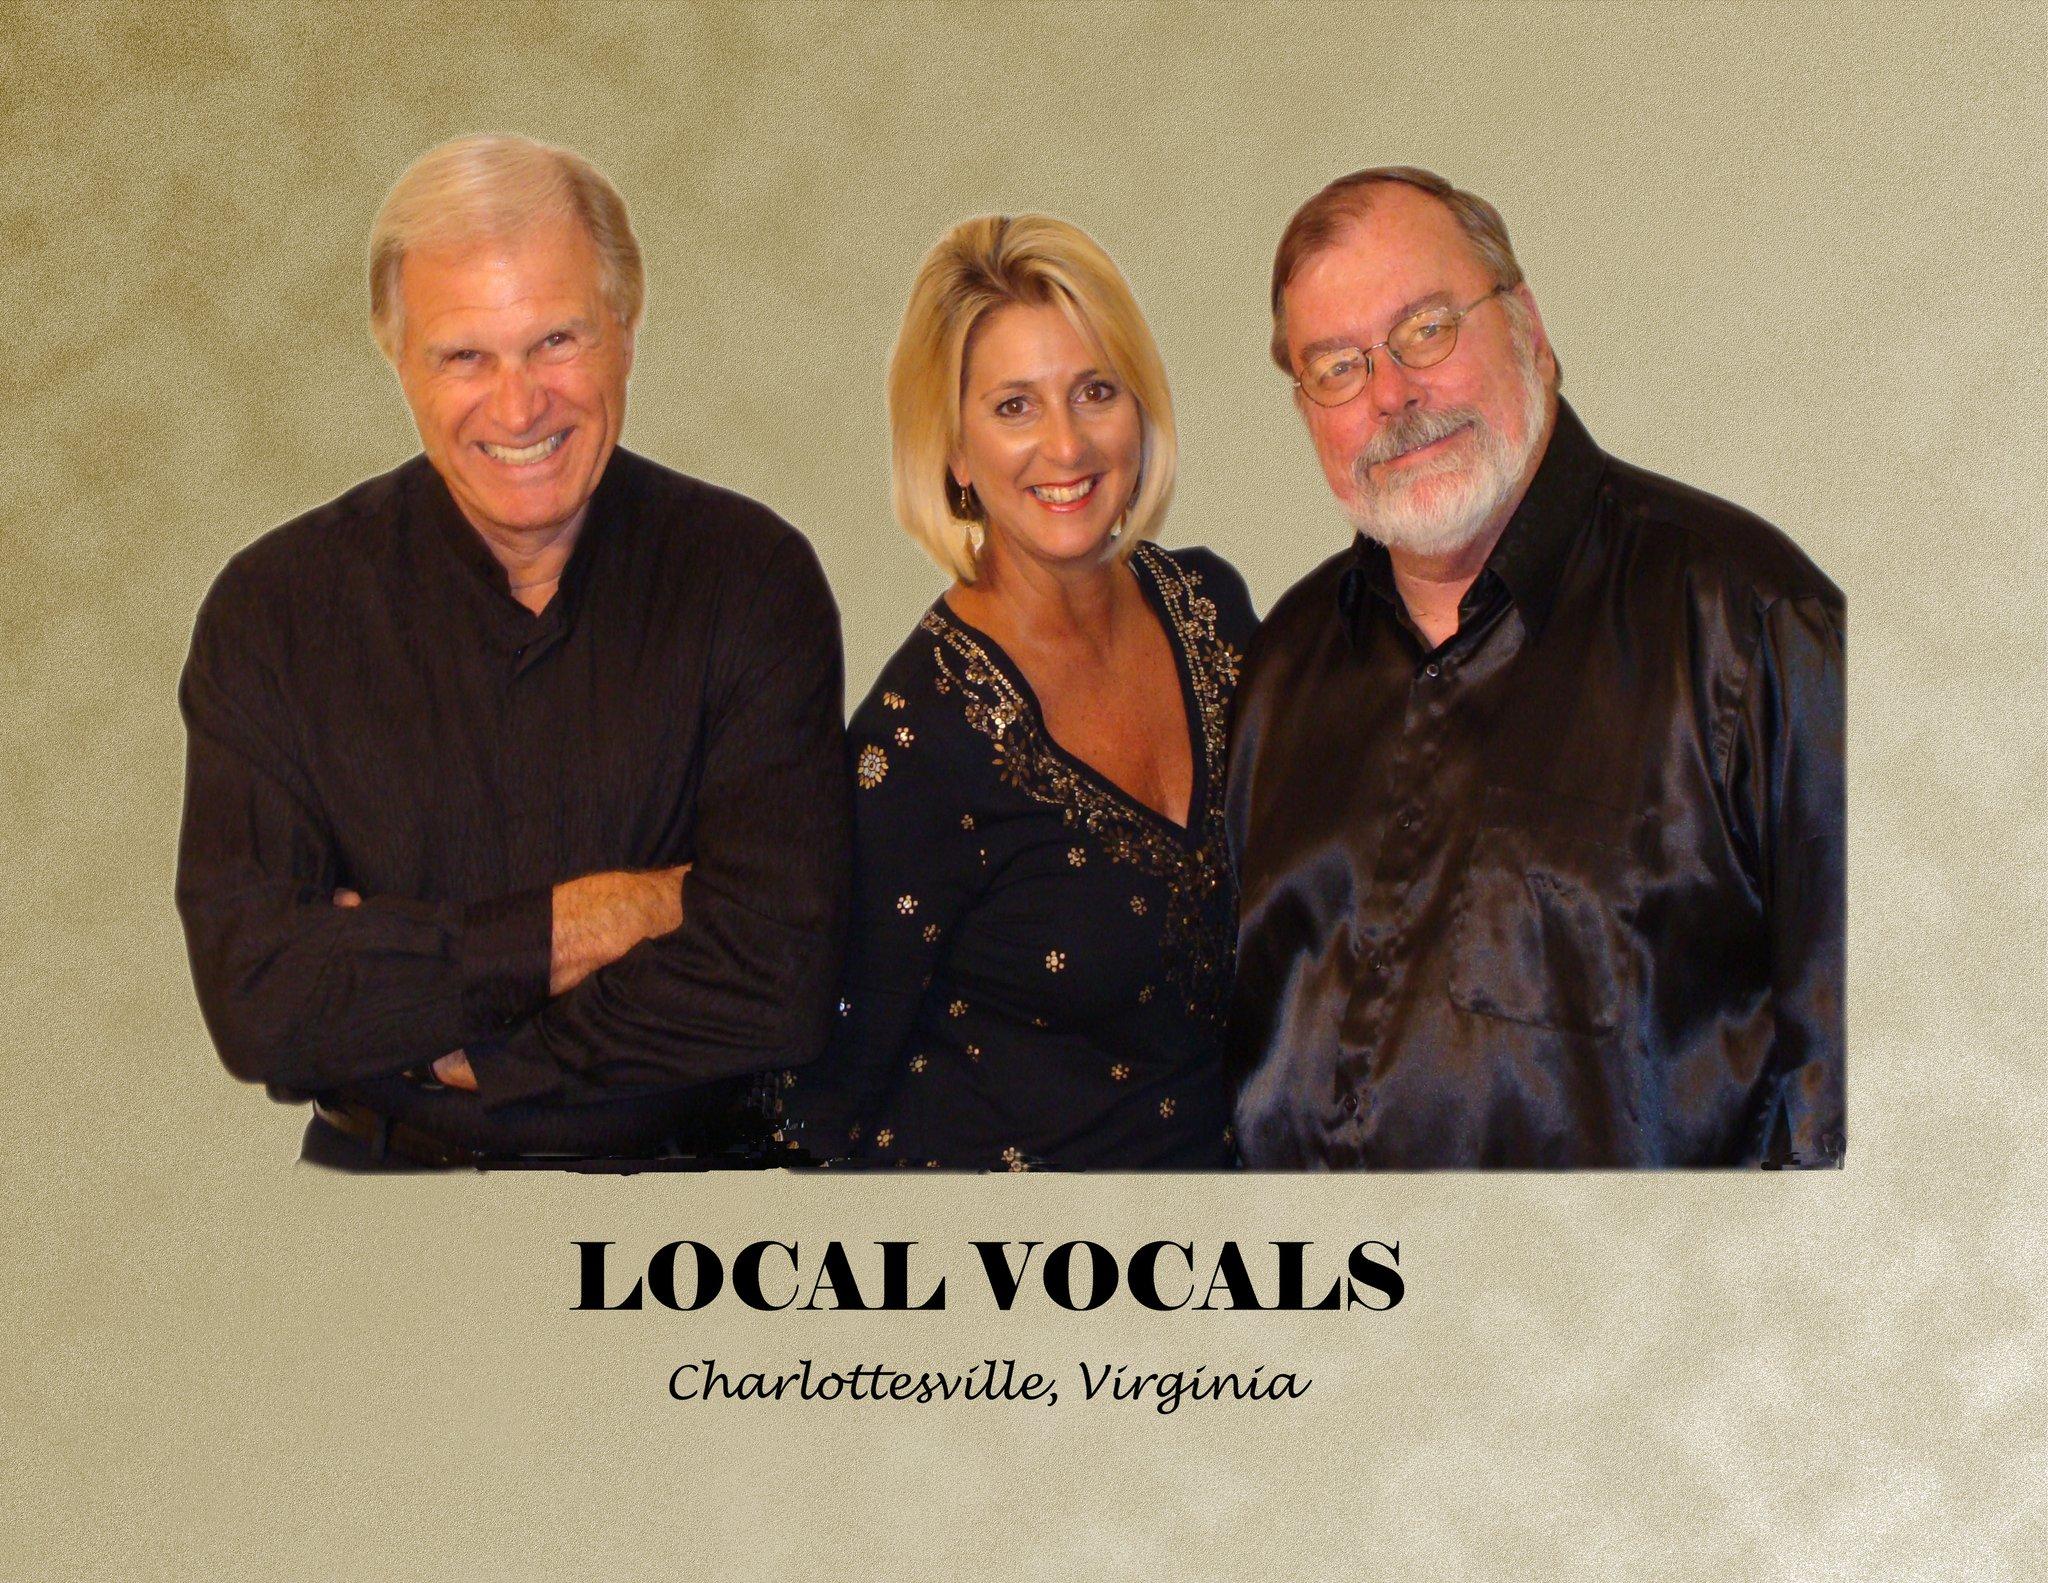 Local Vocals